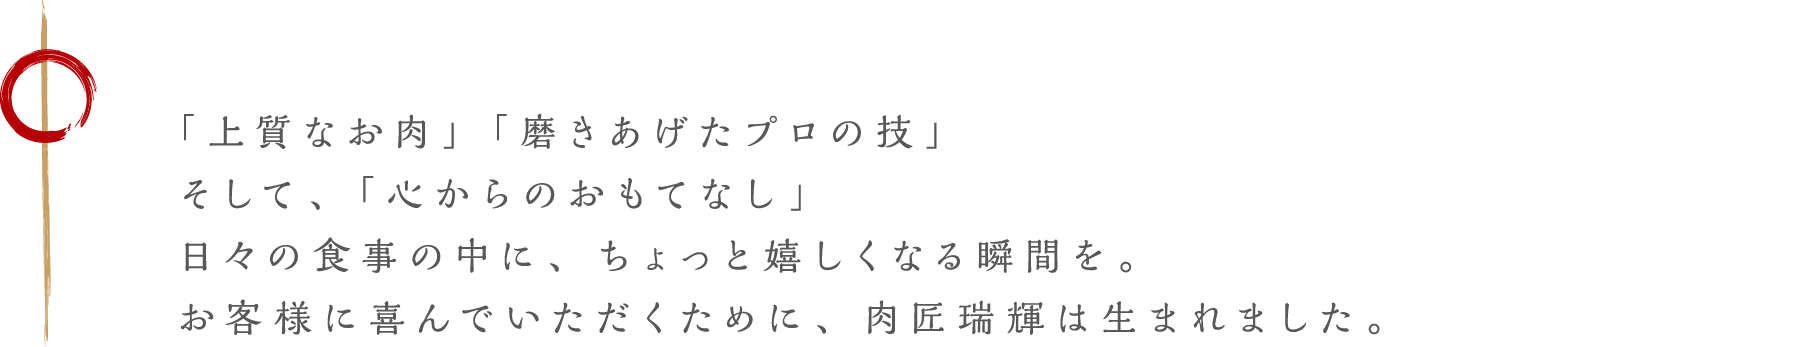 「上質なお肉」「磨きあげたプロの技」を提供する焼肉店 肉匠瑞輝(みずき)